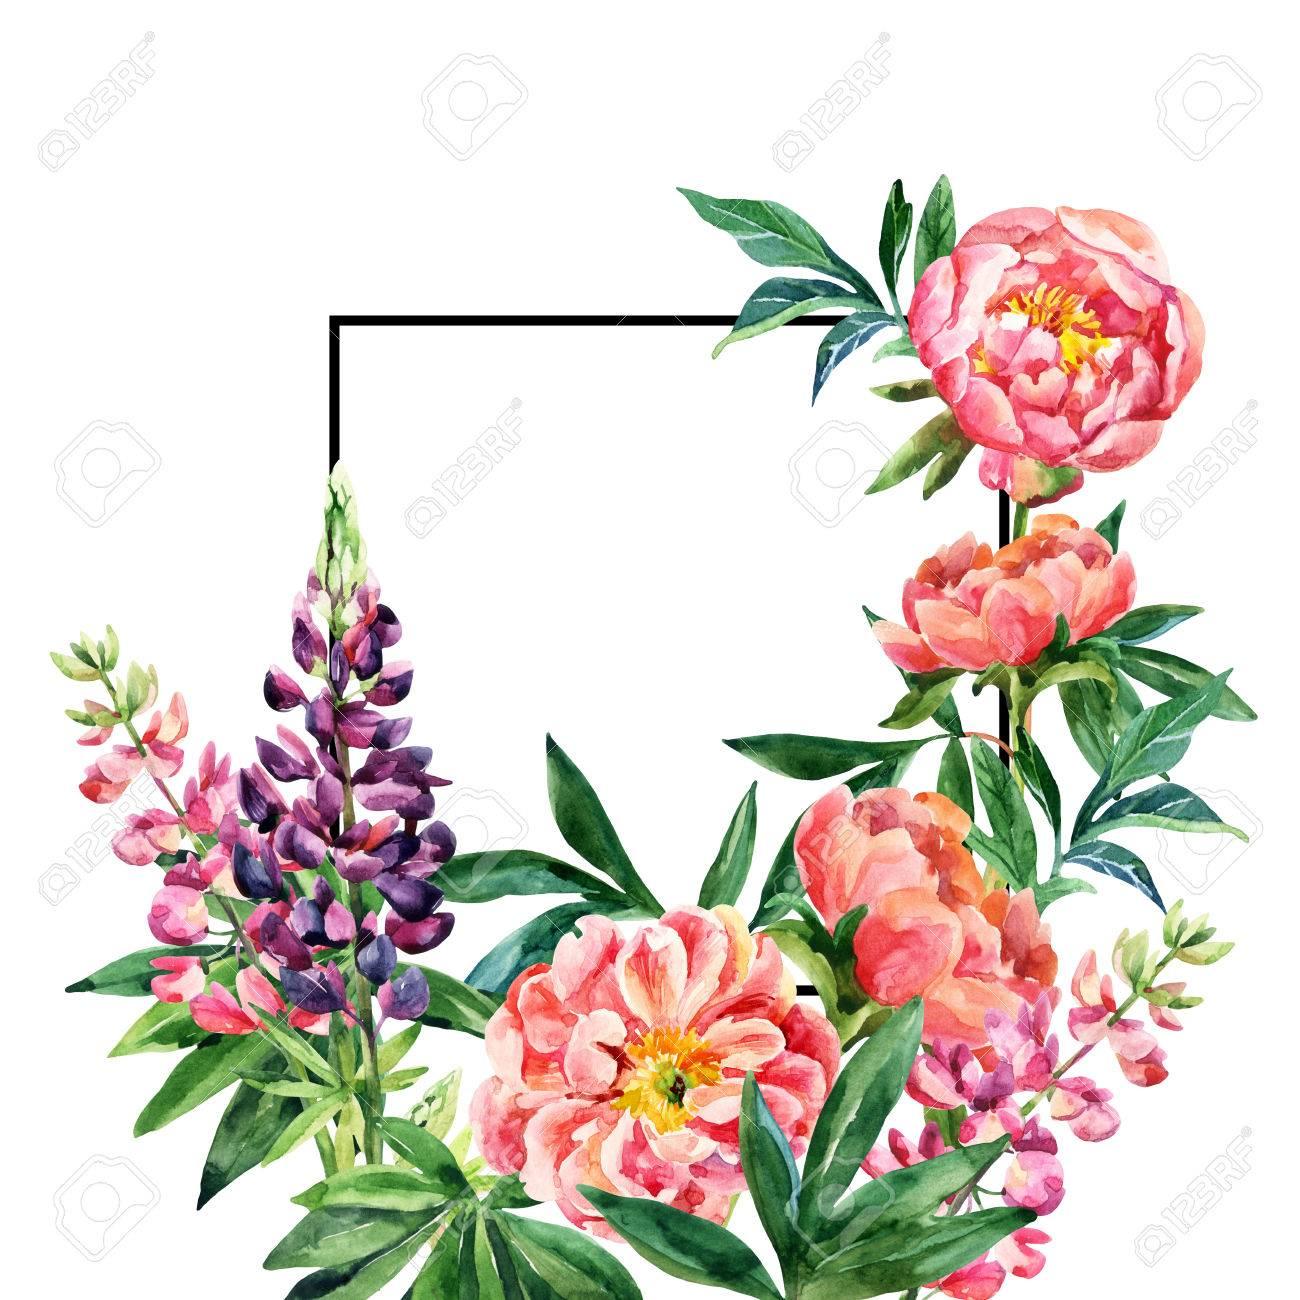 Aquarell Garten Blumen Karte. Lupine Und Pfingstrose Blüht Mit ...